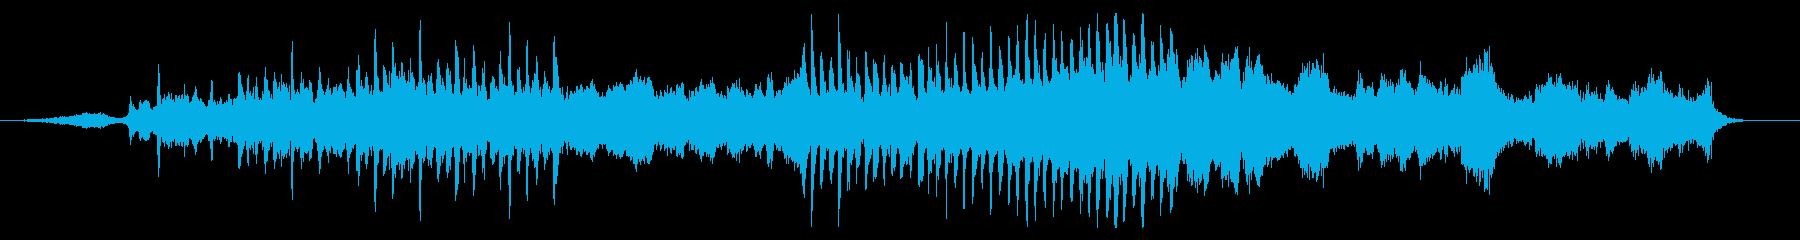 凛とした佇まいの和テイスト風オーケストラの再生済みの波形